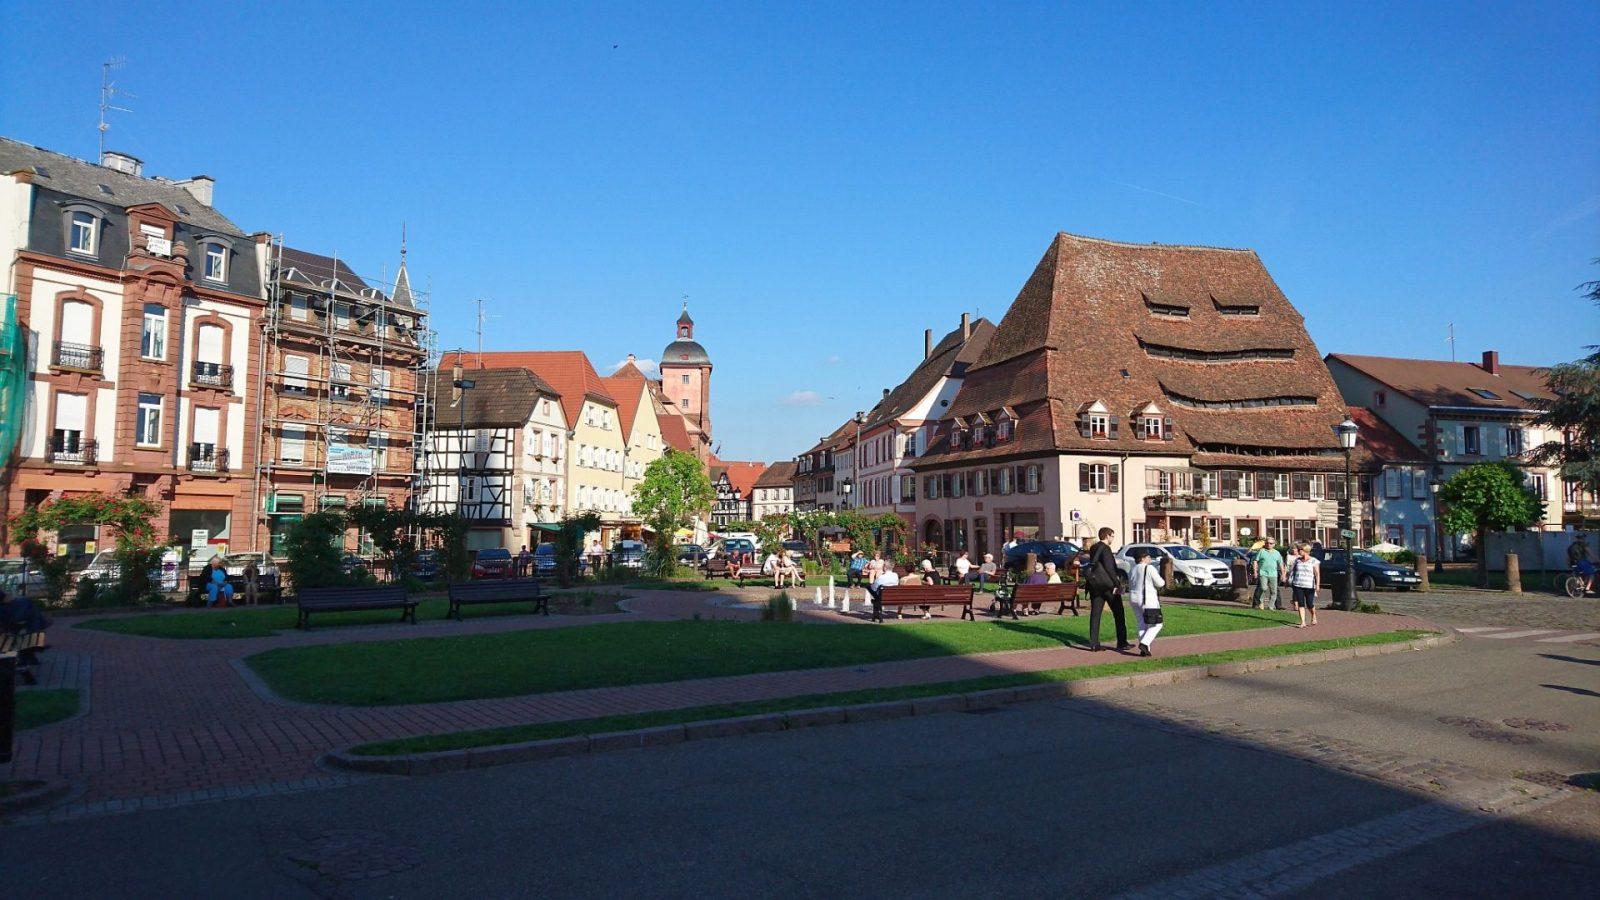 Das Salzhaus von Wissembourg rechts im Bild